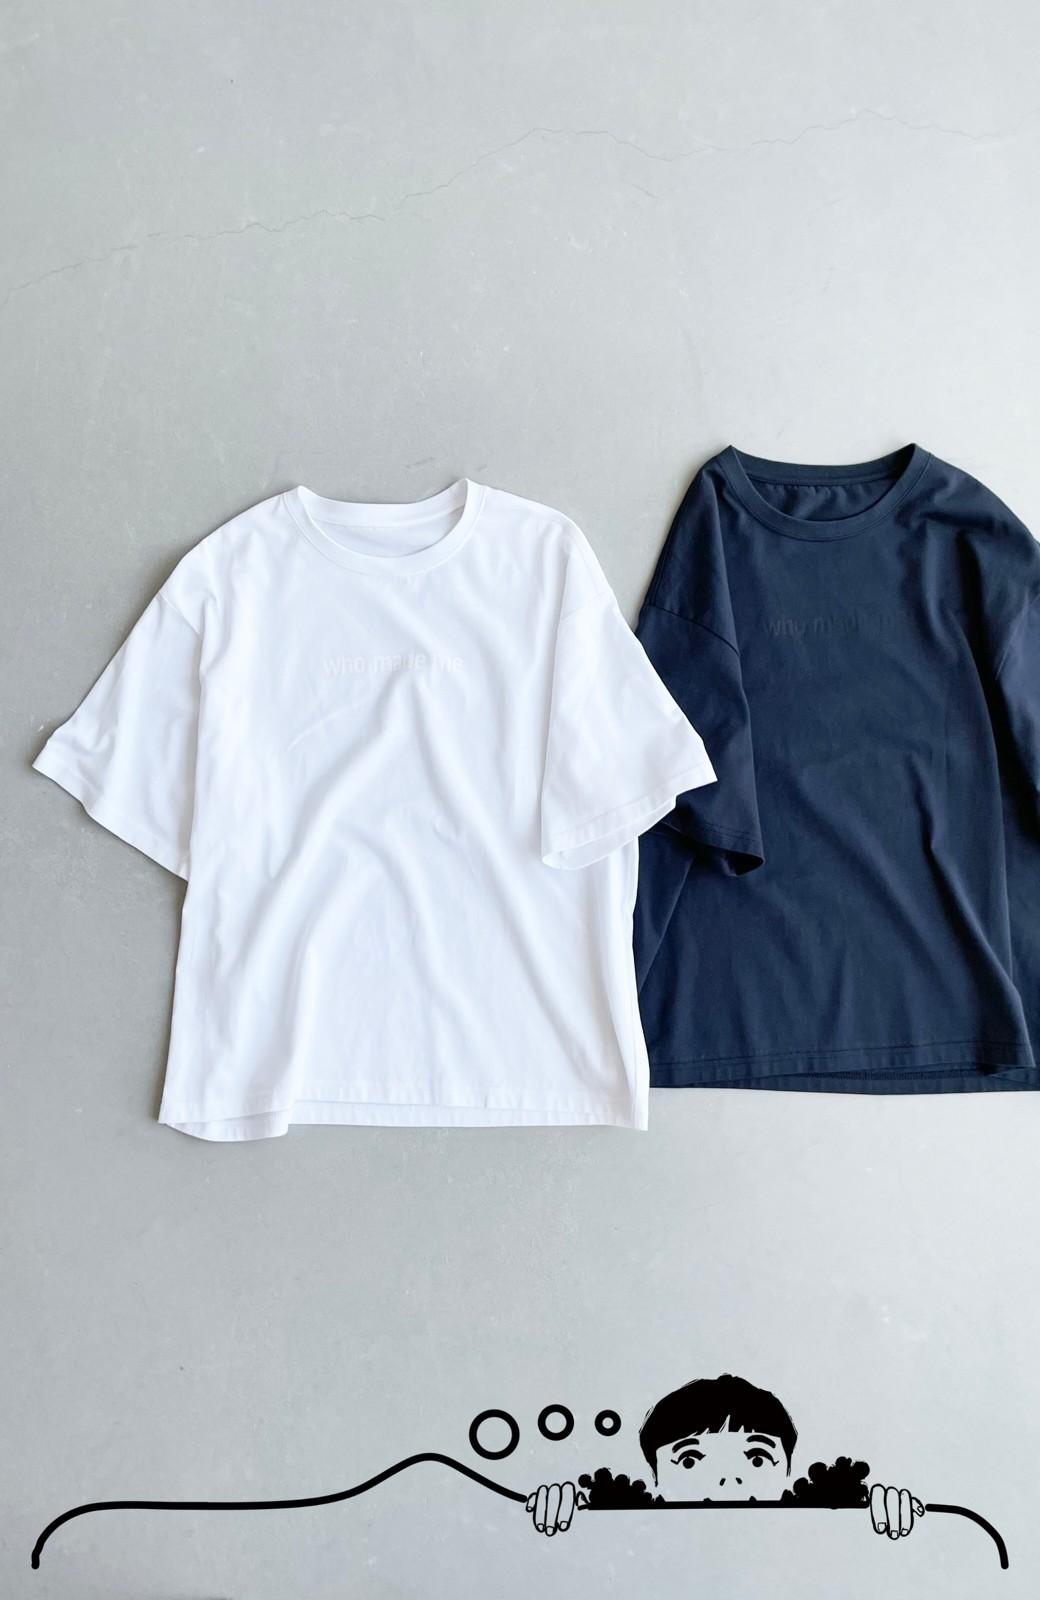 haco! あるかないかで大違い!大人の抜け感を醸し出すさりげなロゴTシャツ by who made me + PBP <ホワイト>の商品写真13